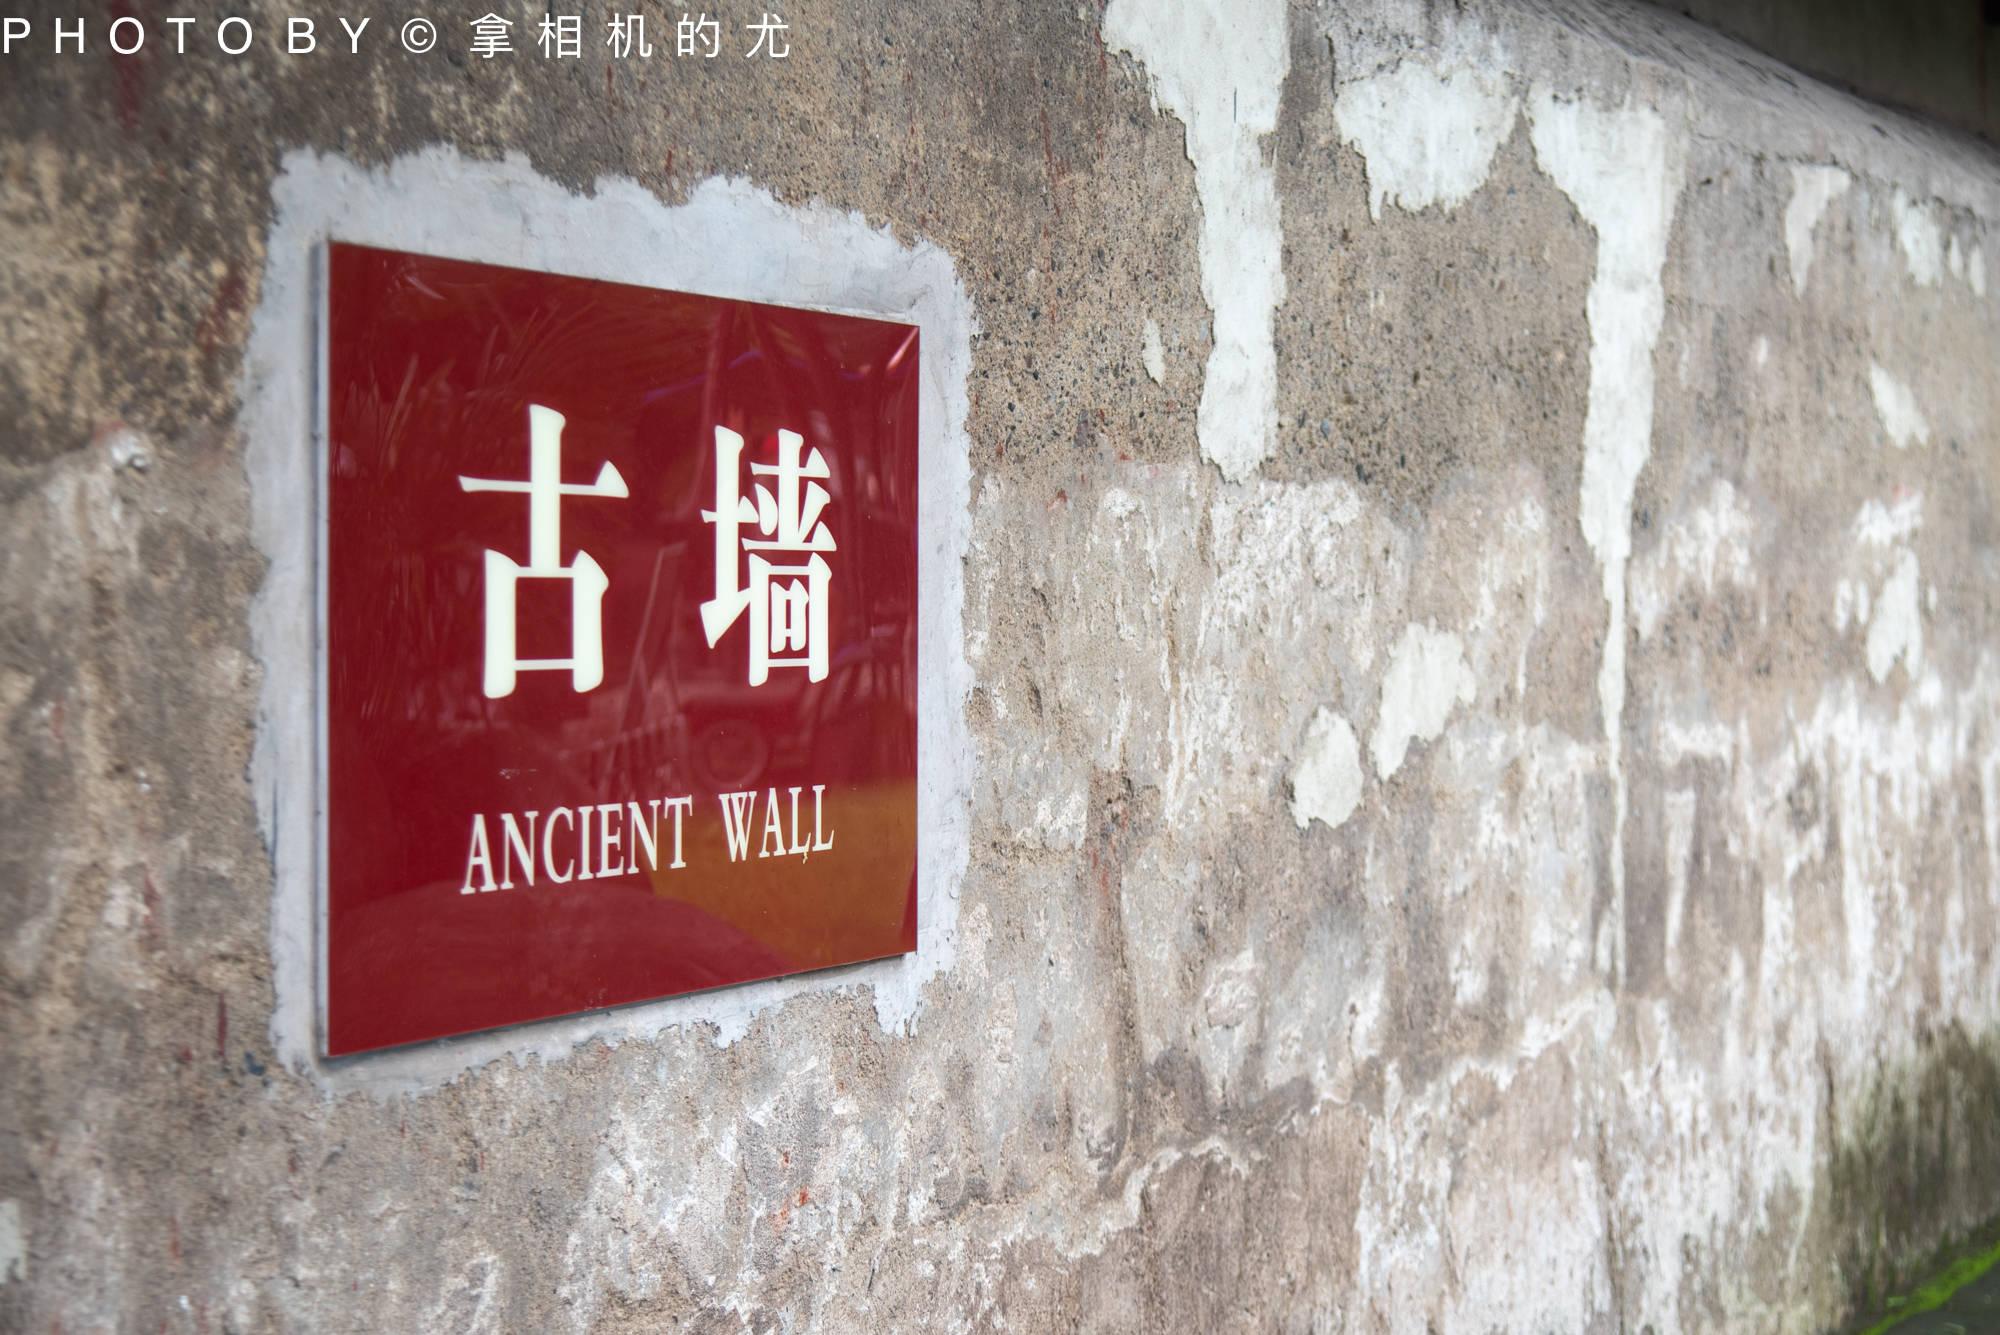 姜公坟前喝清茶,是德阳人的安逸,还是德孝城的包容